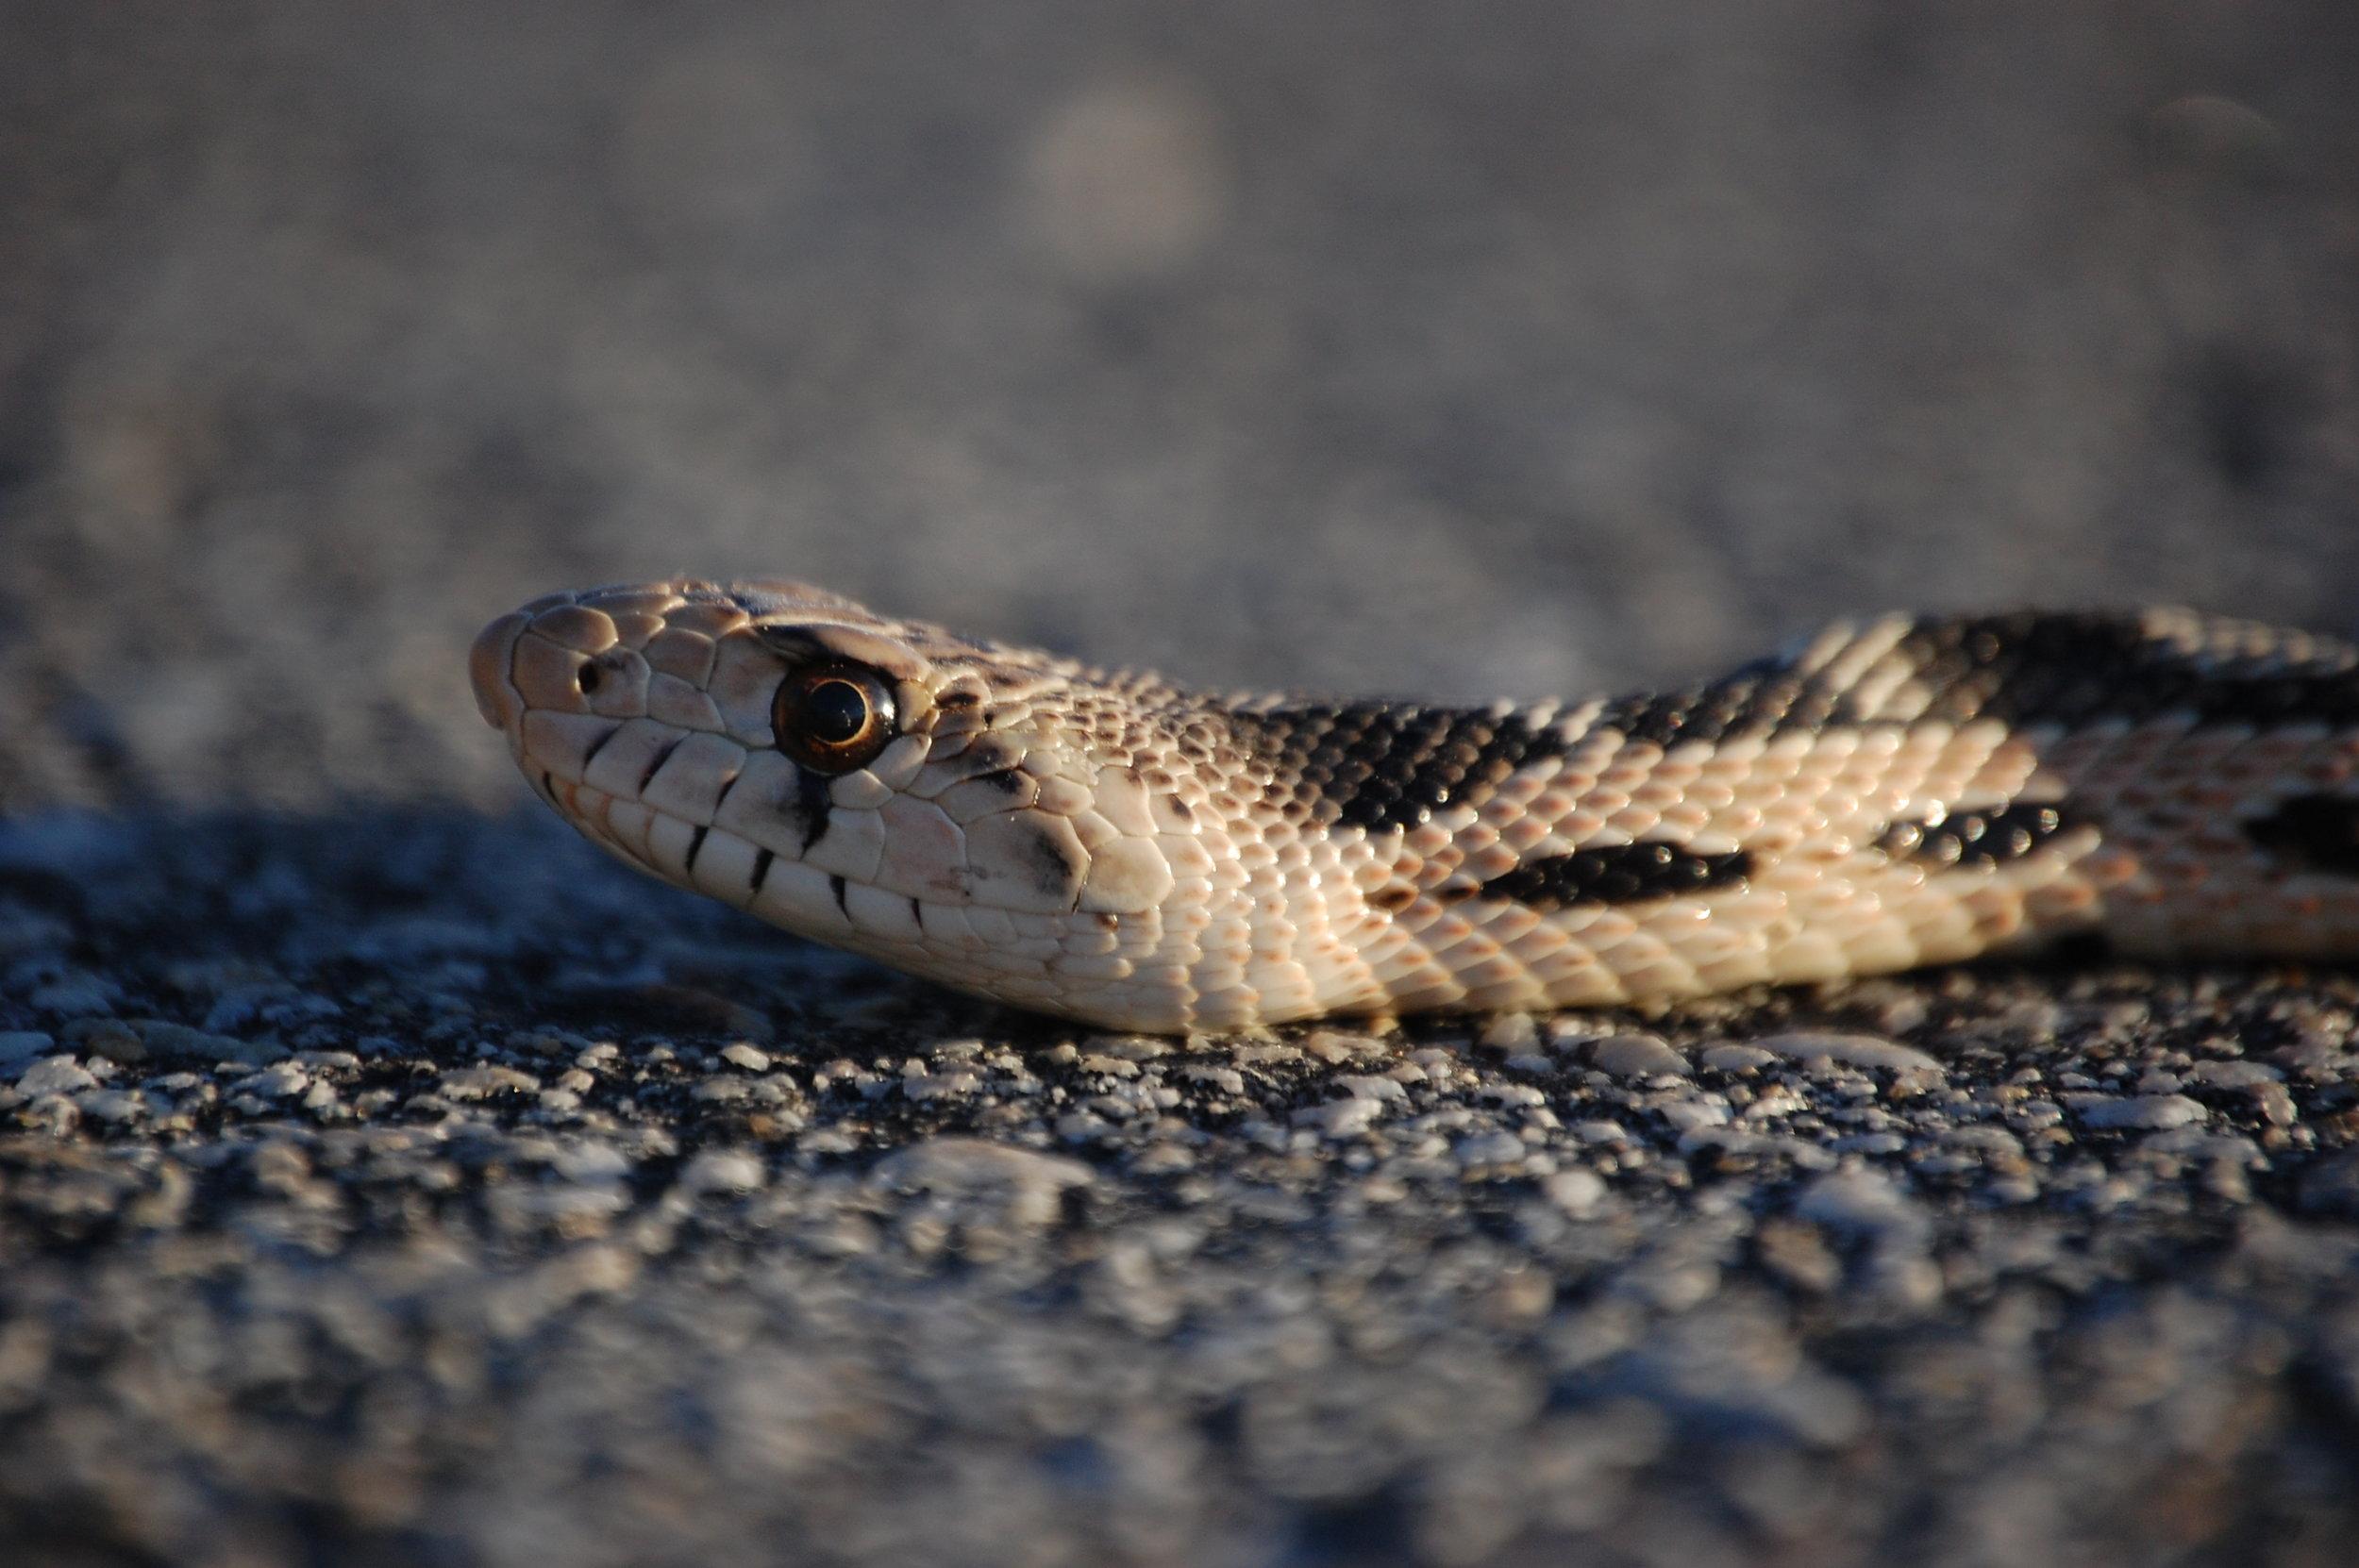 Steve Moore_Gopher snake on the prowl.JPG